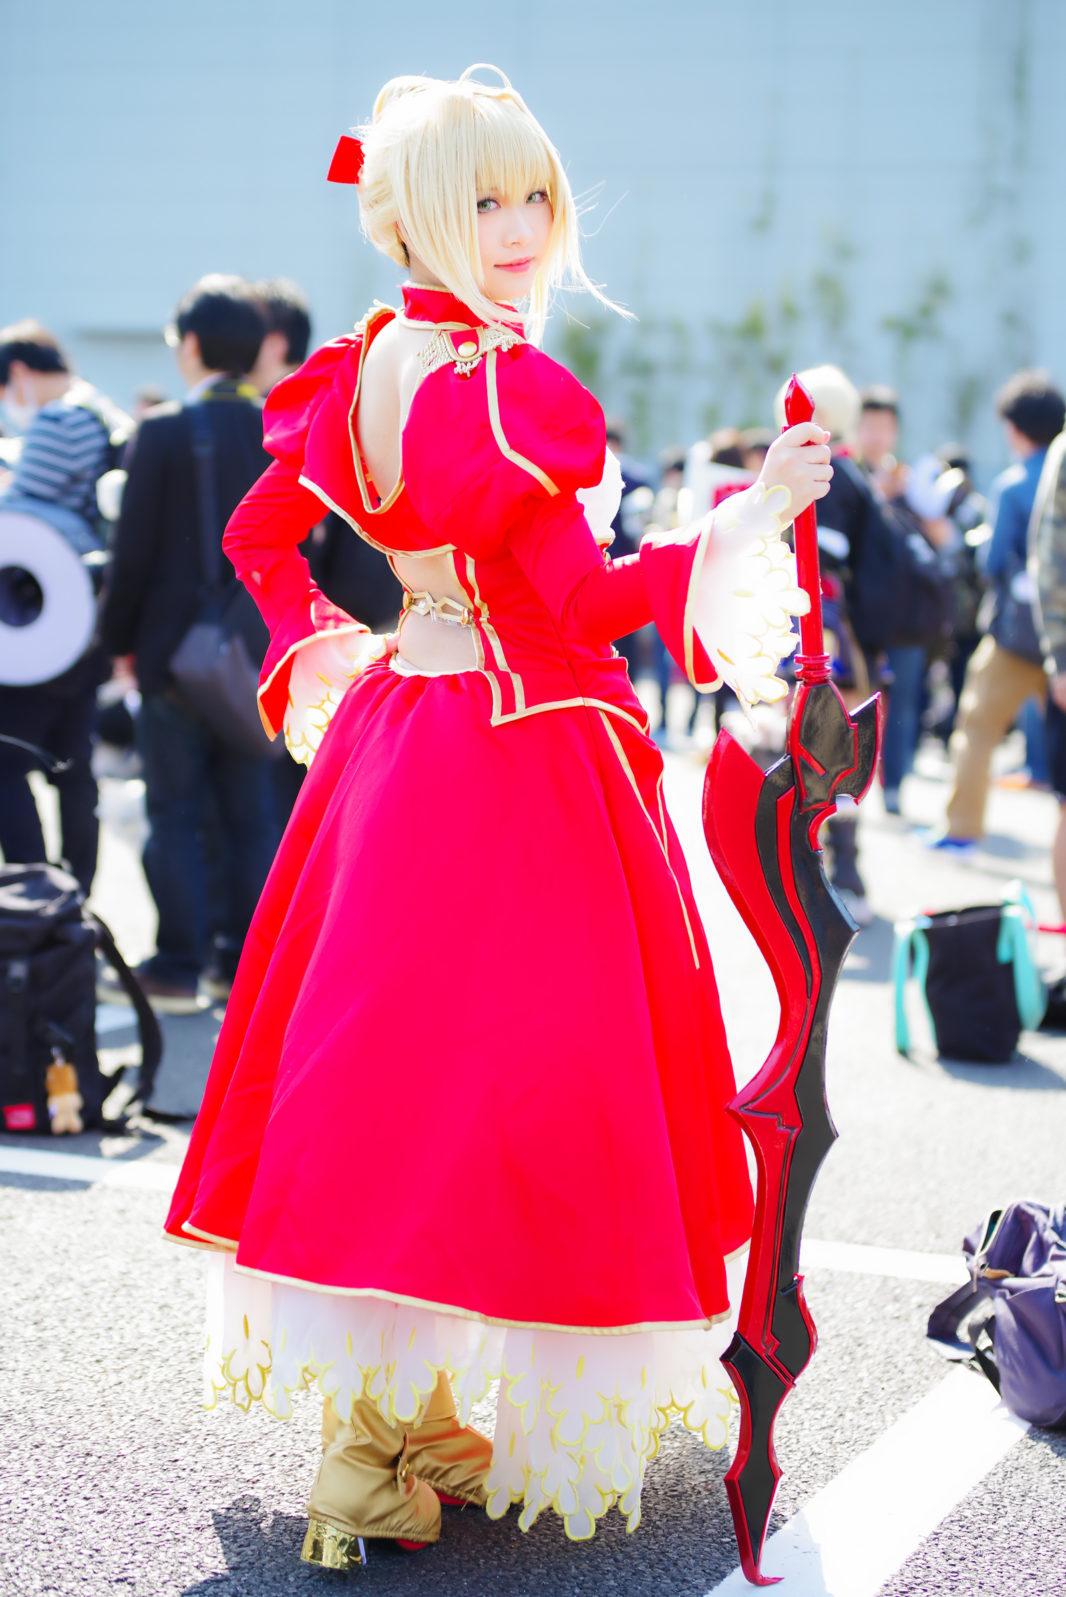 ネロ・クラウディウス(Fate/Grand Order)@紫花菫さん | PENTAX K-1&D FA★70-200mm&Cactus V6II&RF60X